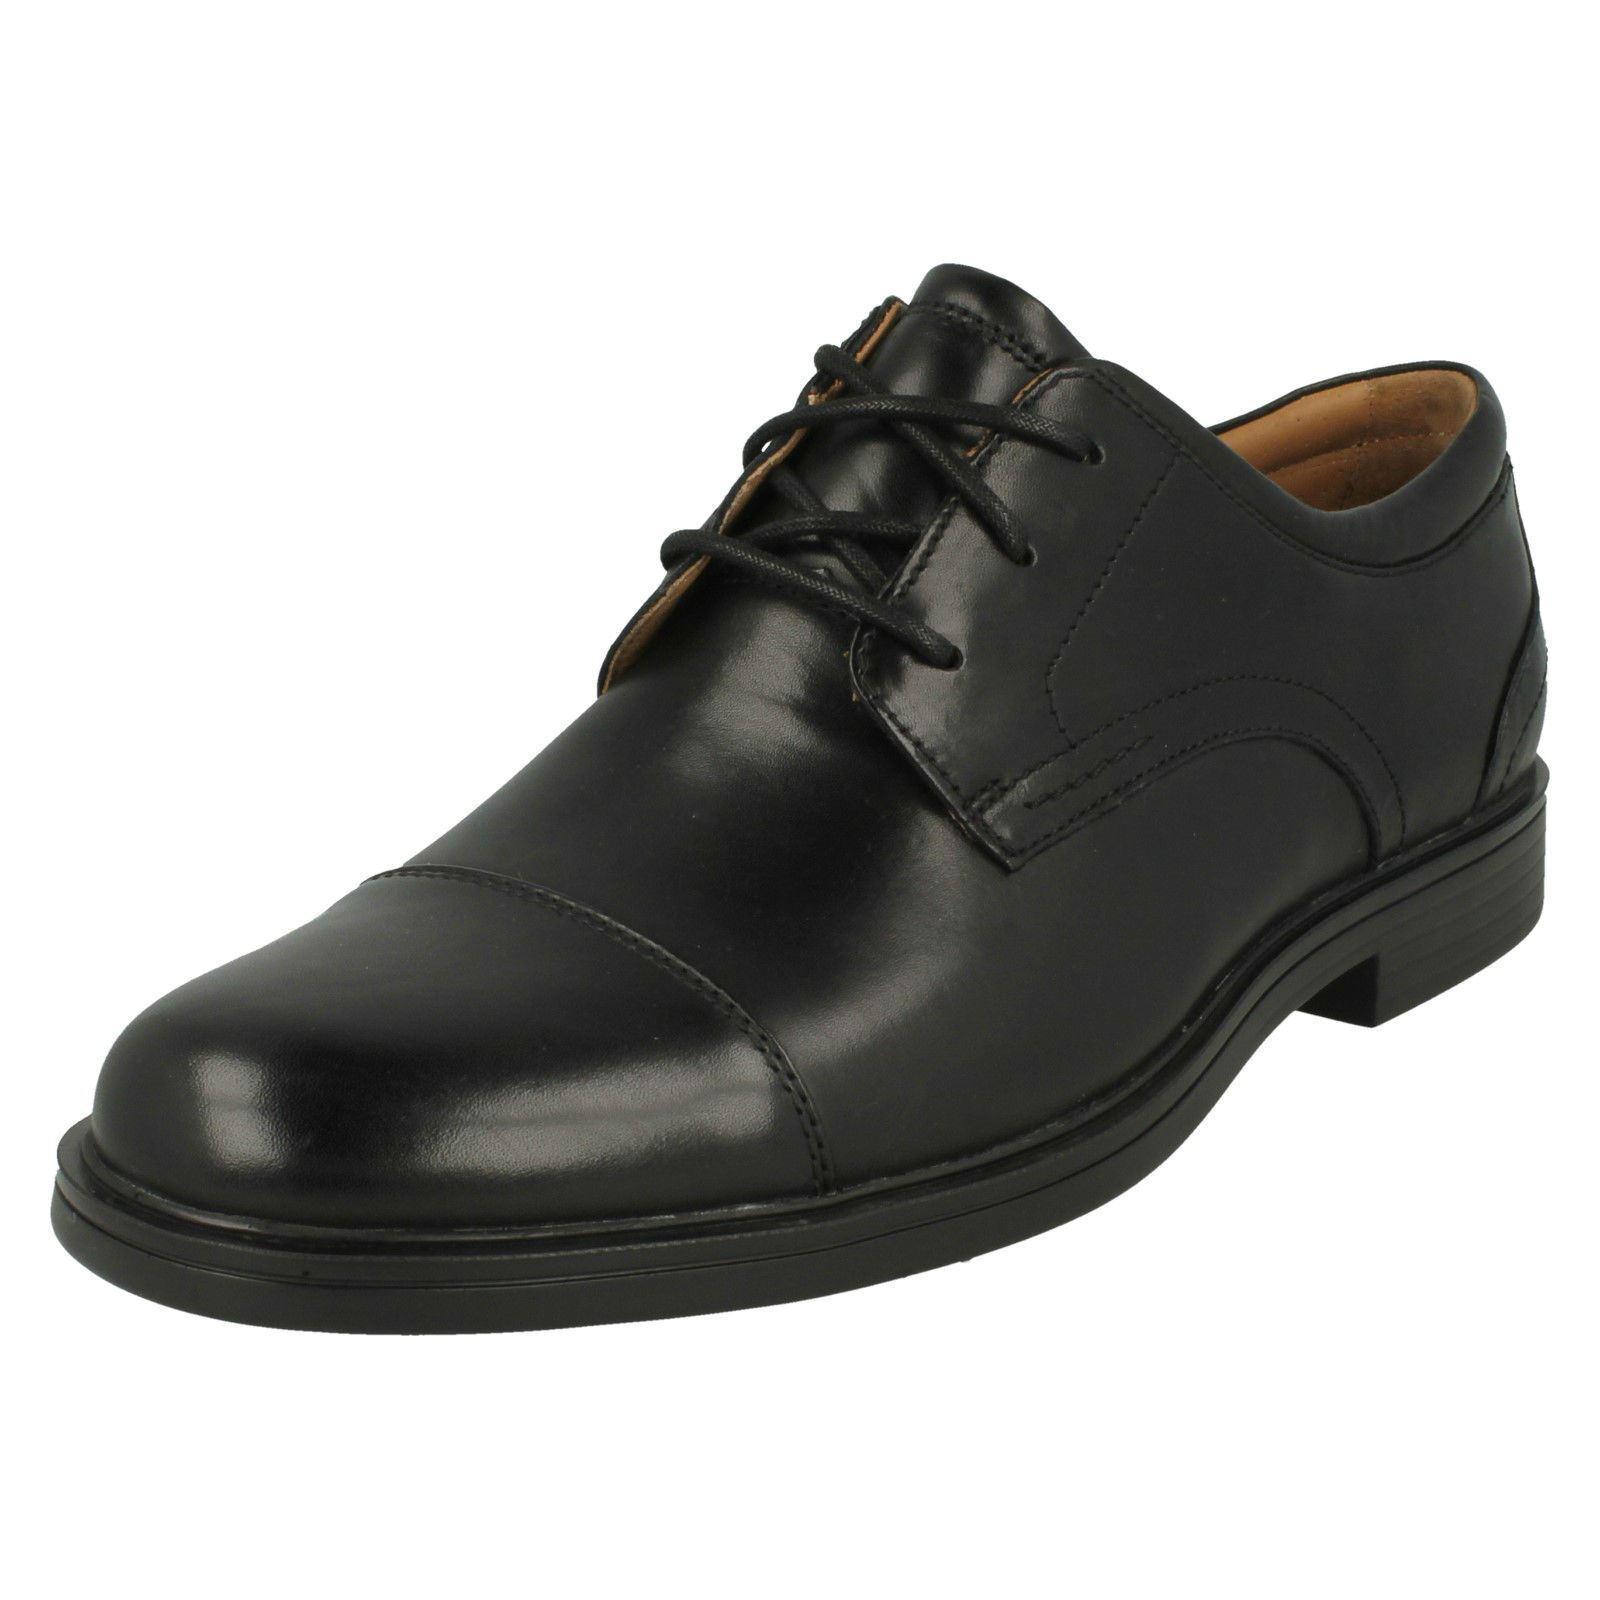 Uomo Clarks Un ALDRIC cappello nero pelle Scarpe formali stringate Scarpe classiche da uomo